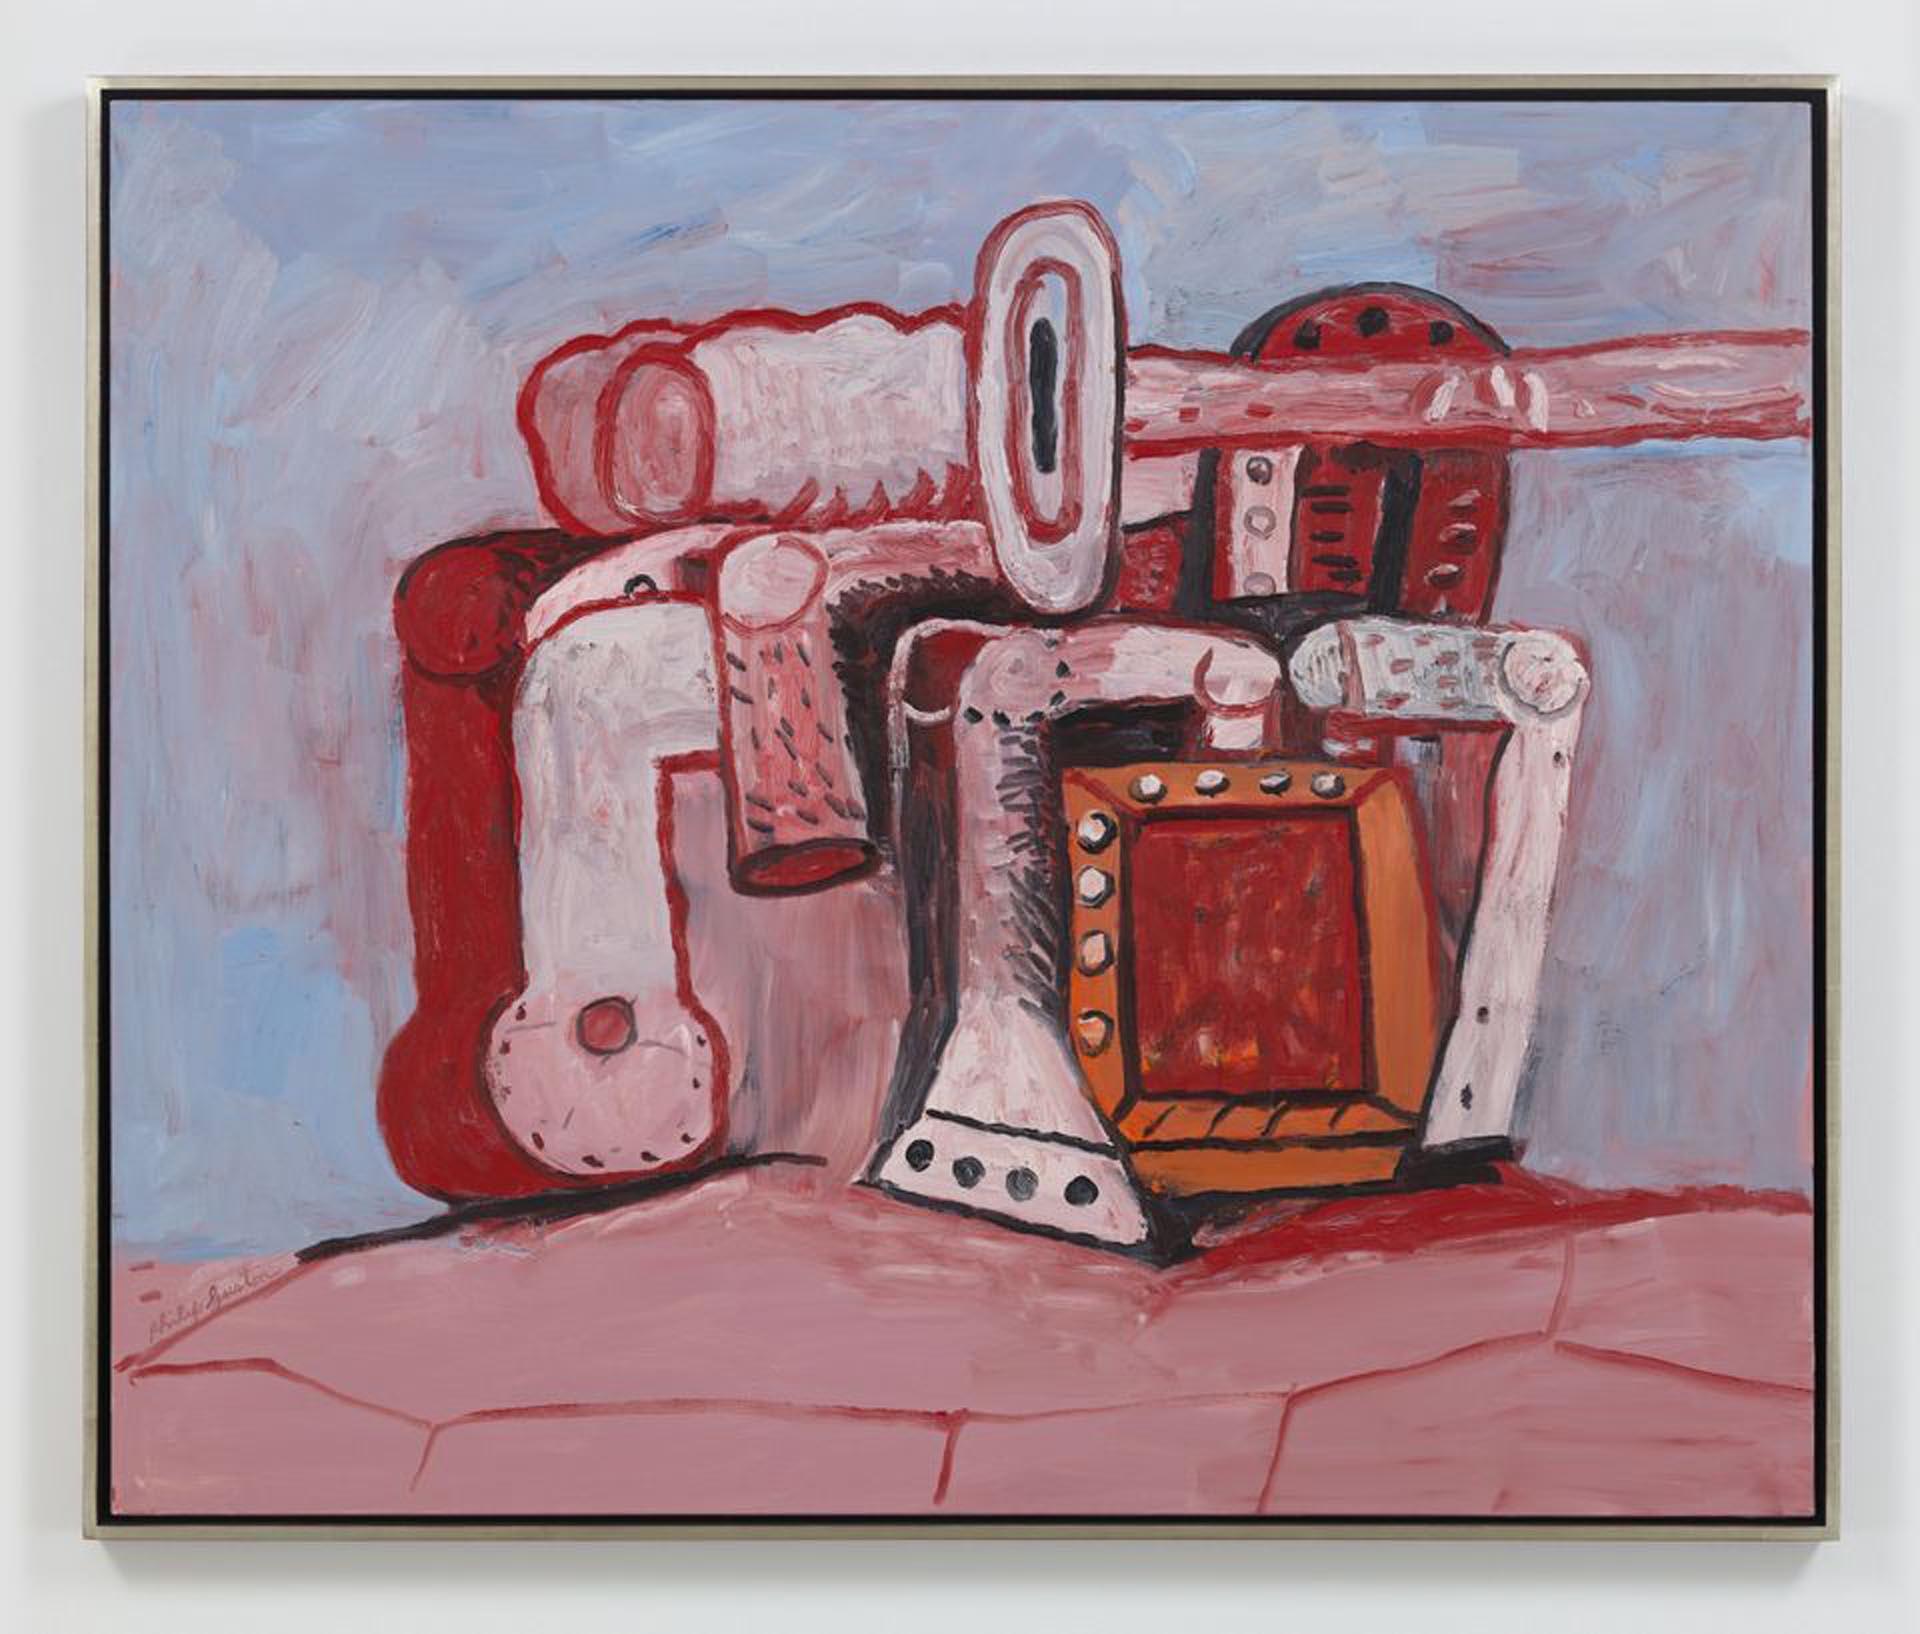 La pintura Forms on Rock Ledge, de Philip Guston, fue vendida por USD 5,5 millones de dólares